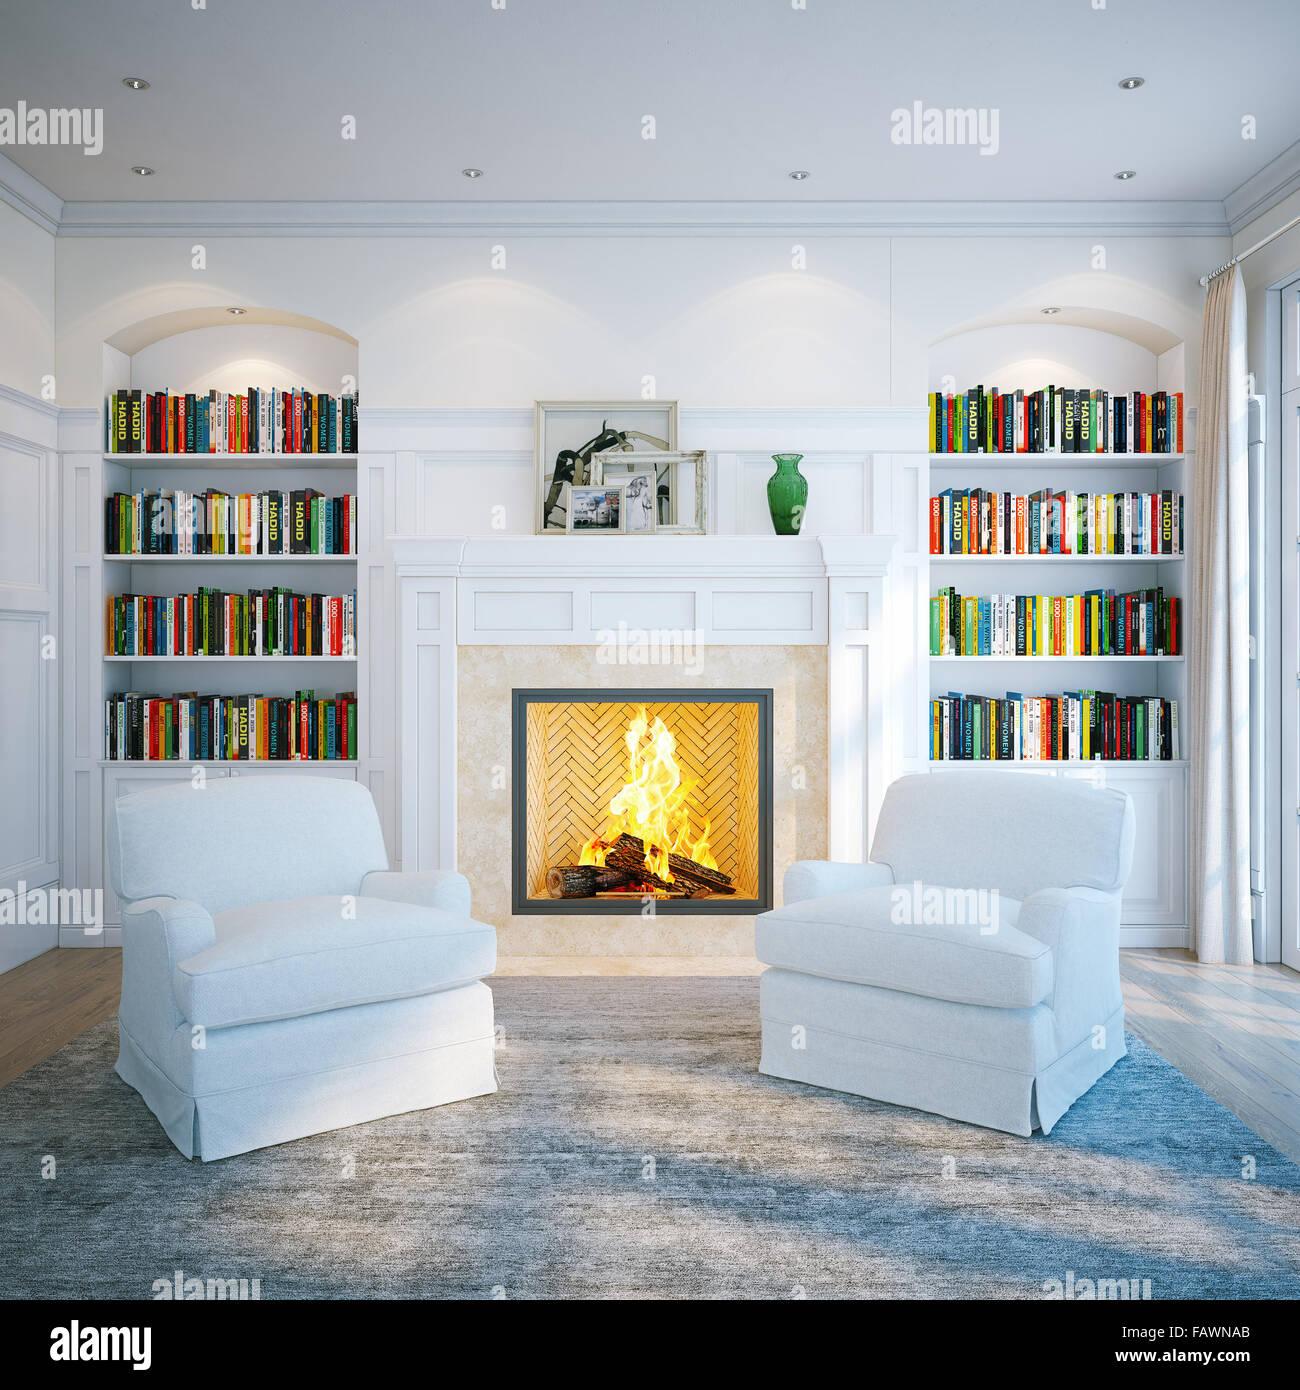 home bibliothek in klassischen weien raum wohnen interieur mit kamin 3d render